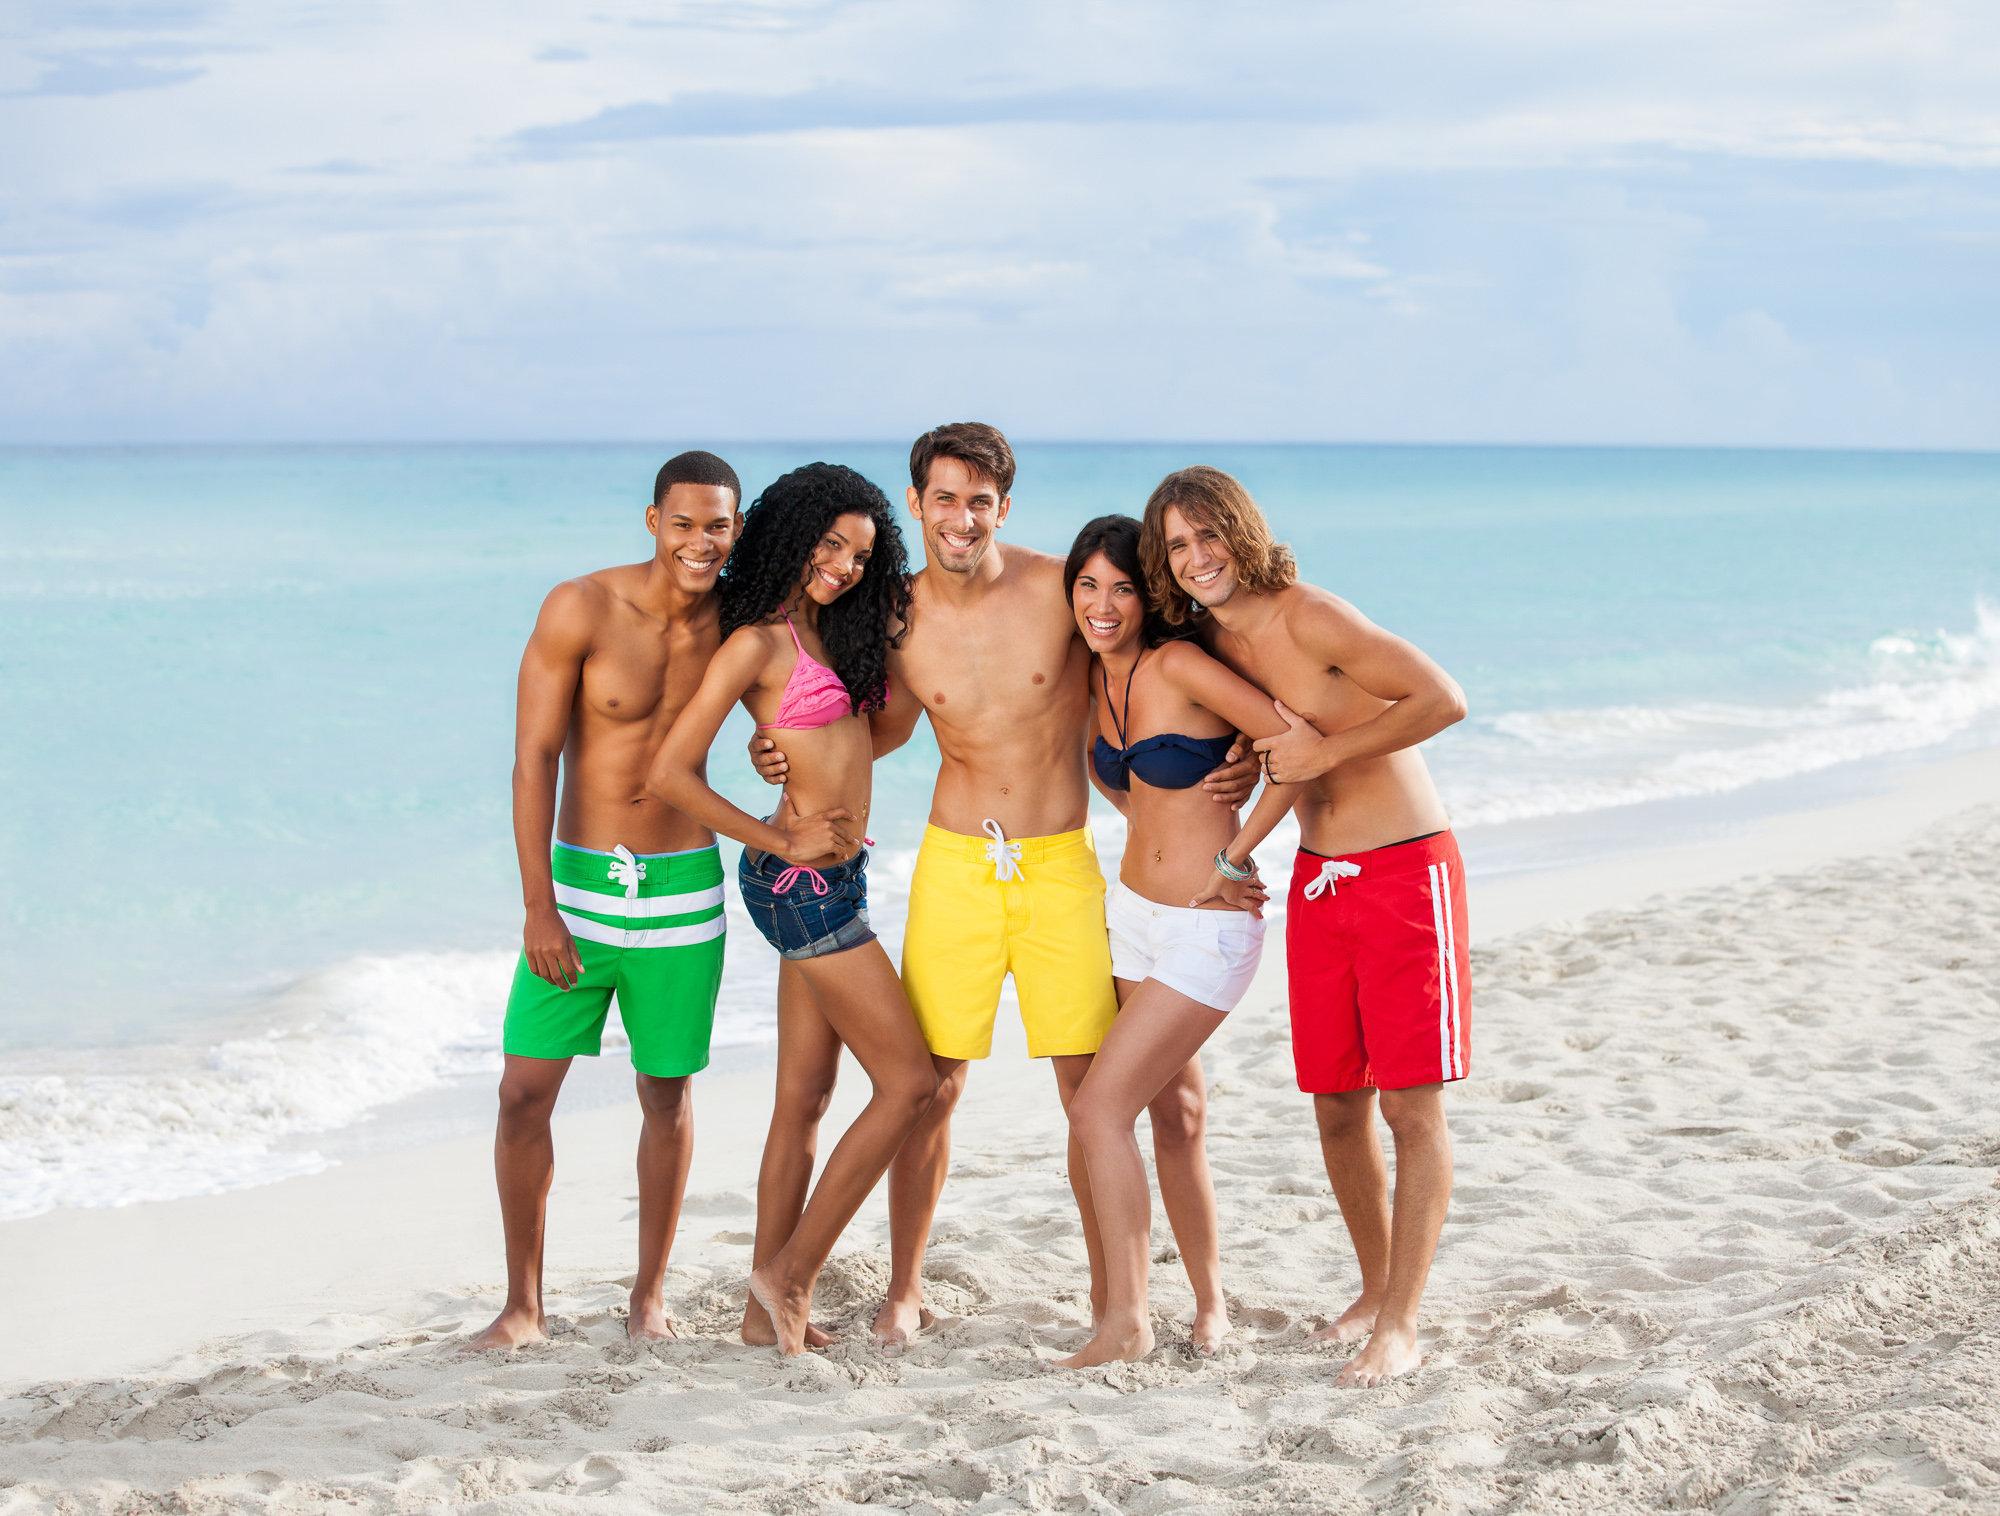 Amigos_Playa_Cuba_0013y16.jpg